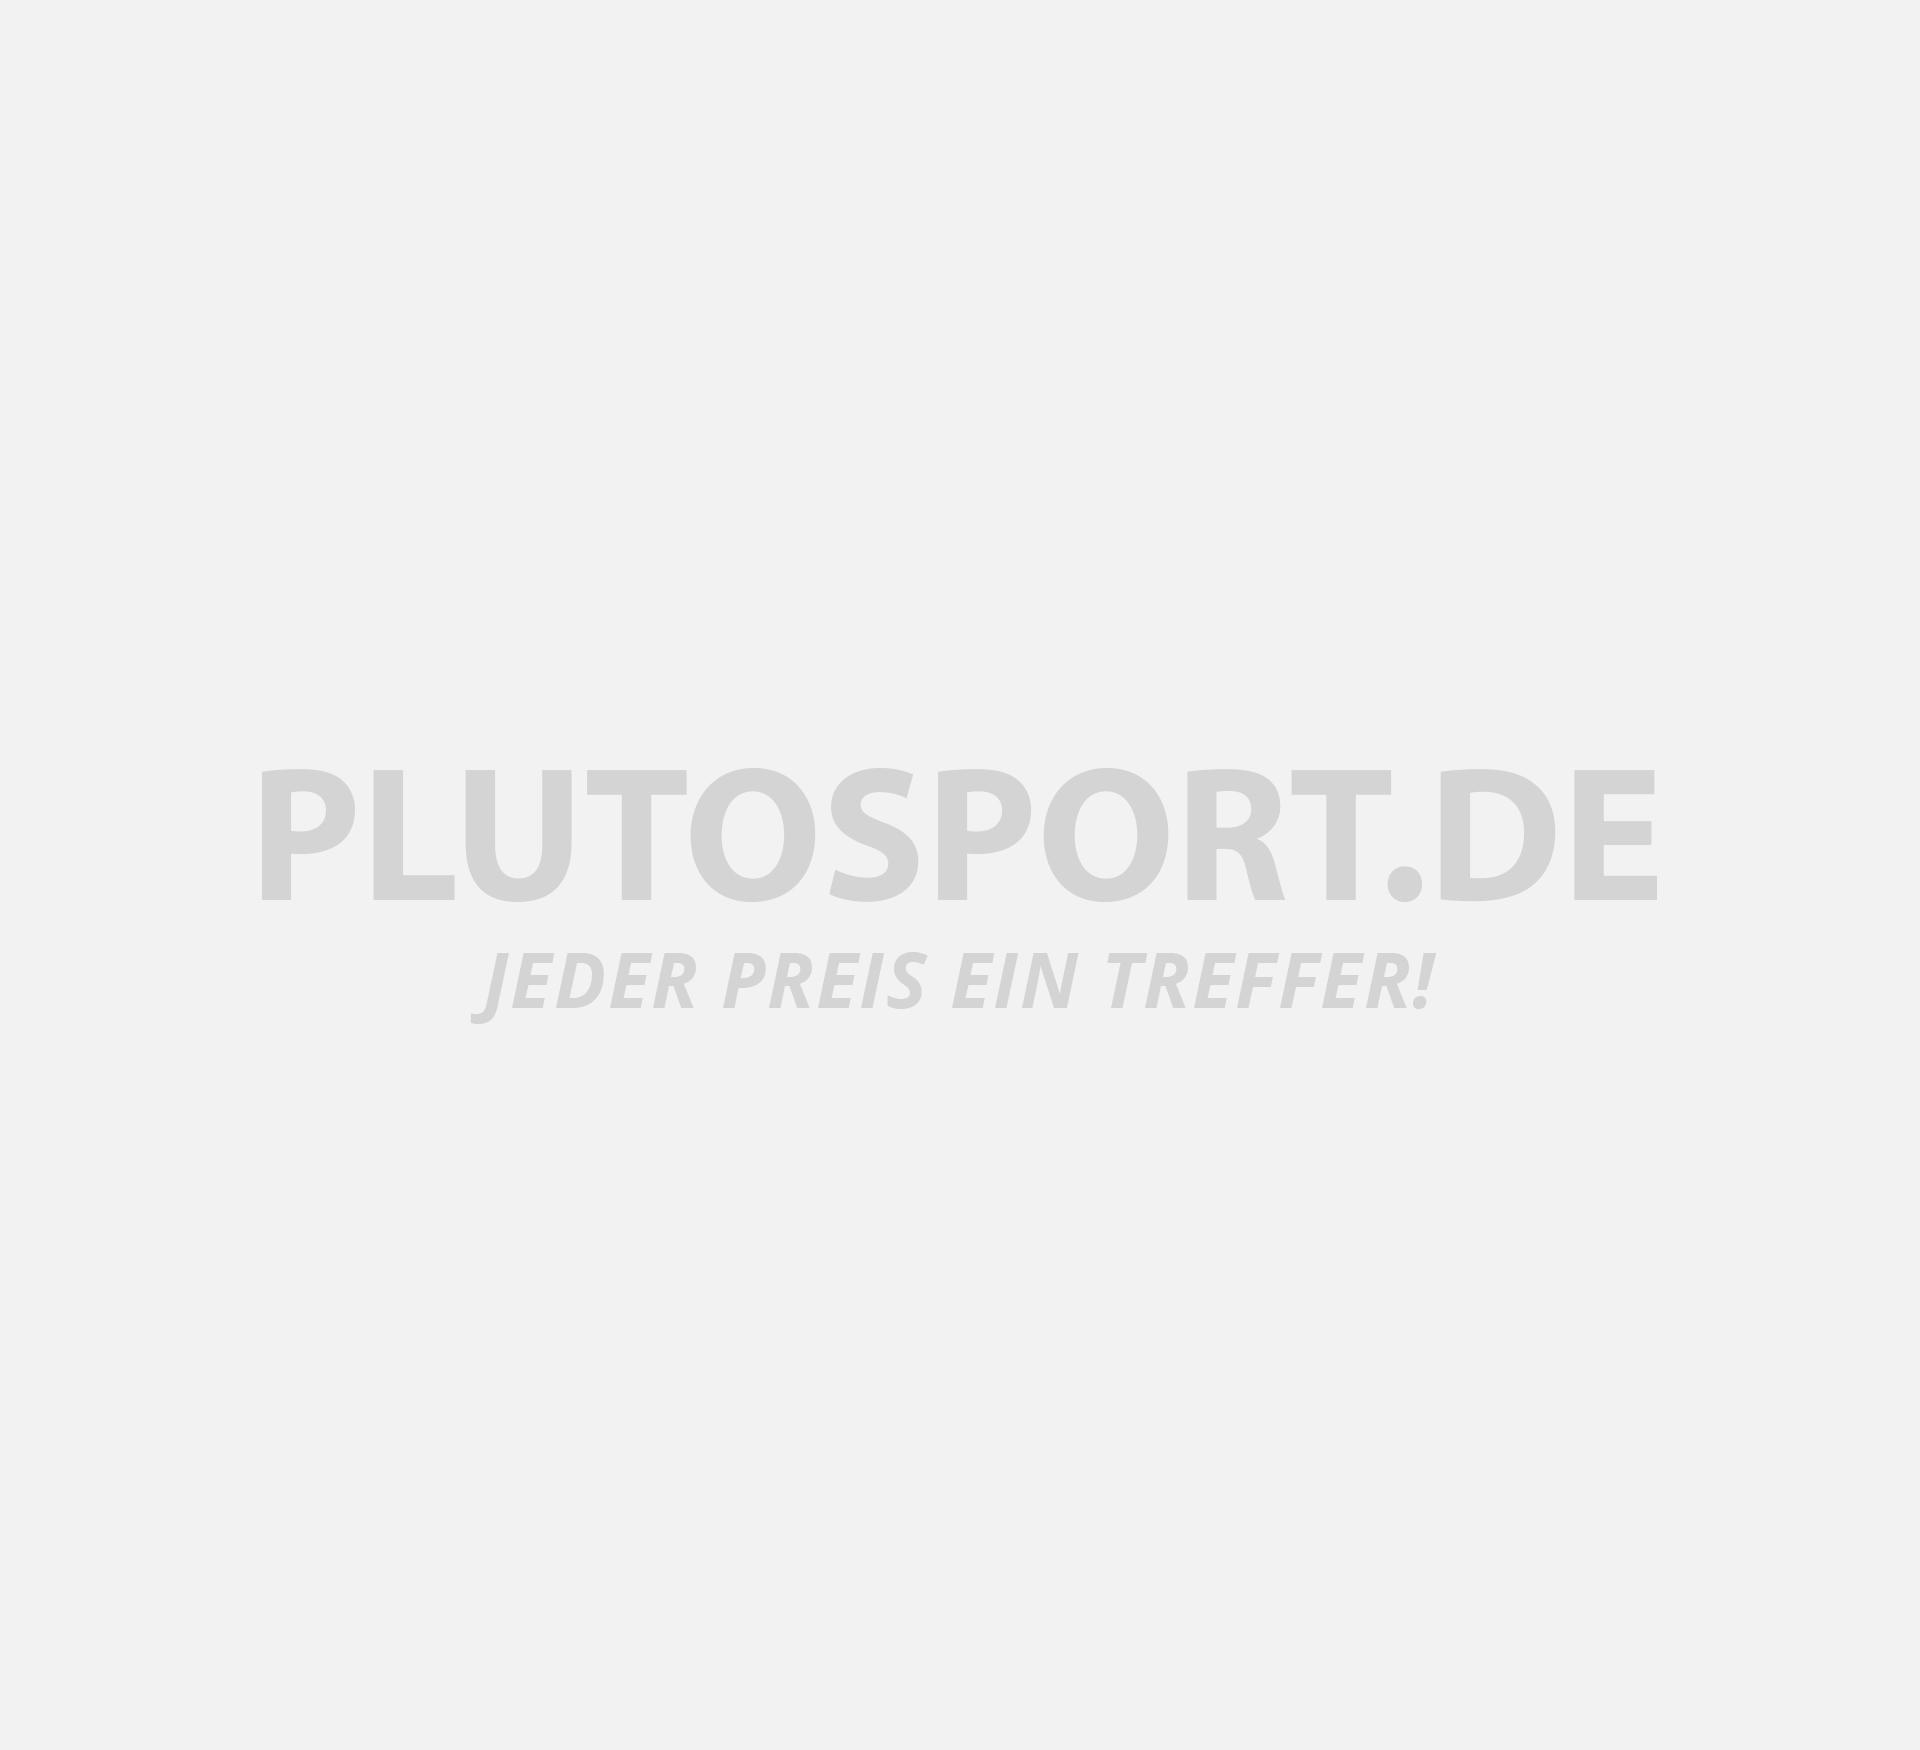 Adidas Mundschutz Beugel Opro Gen4 Senior